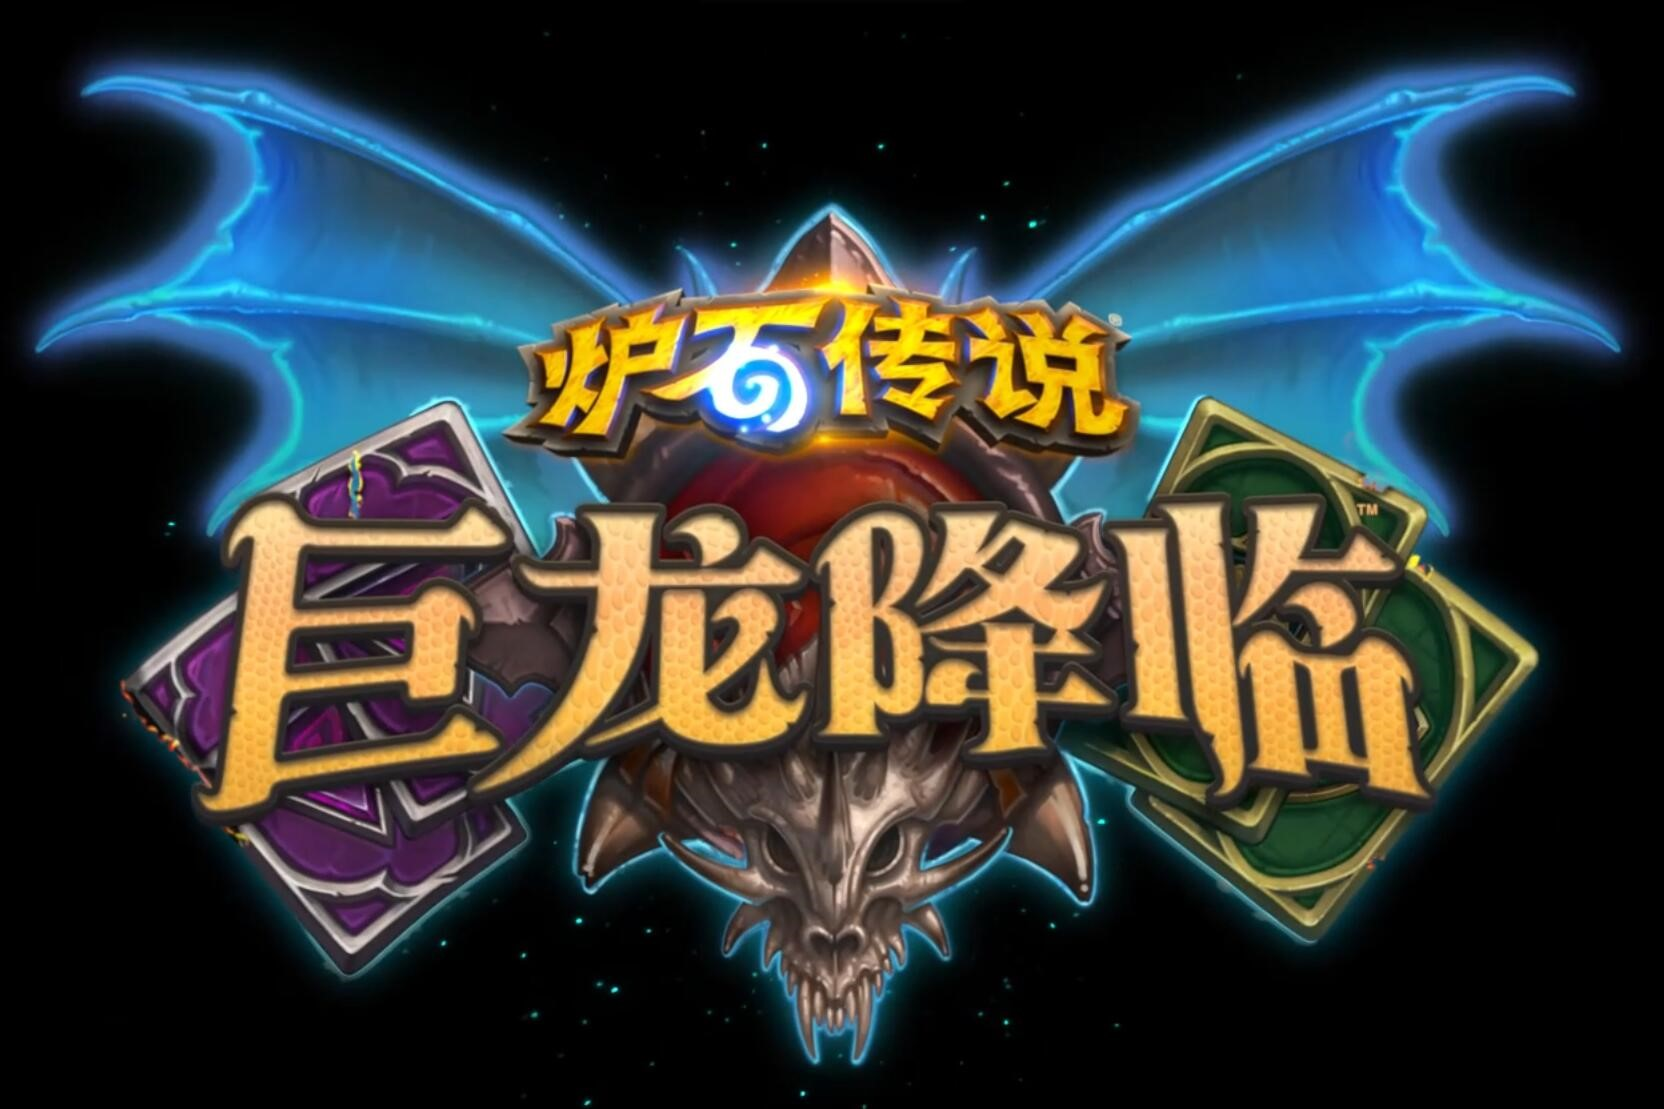 """《炉石传说》新扩展包""""巨龙降临""""12月上线炉石自走棋模式公开"""